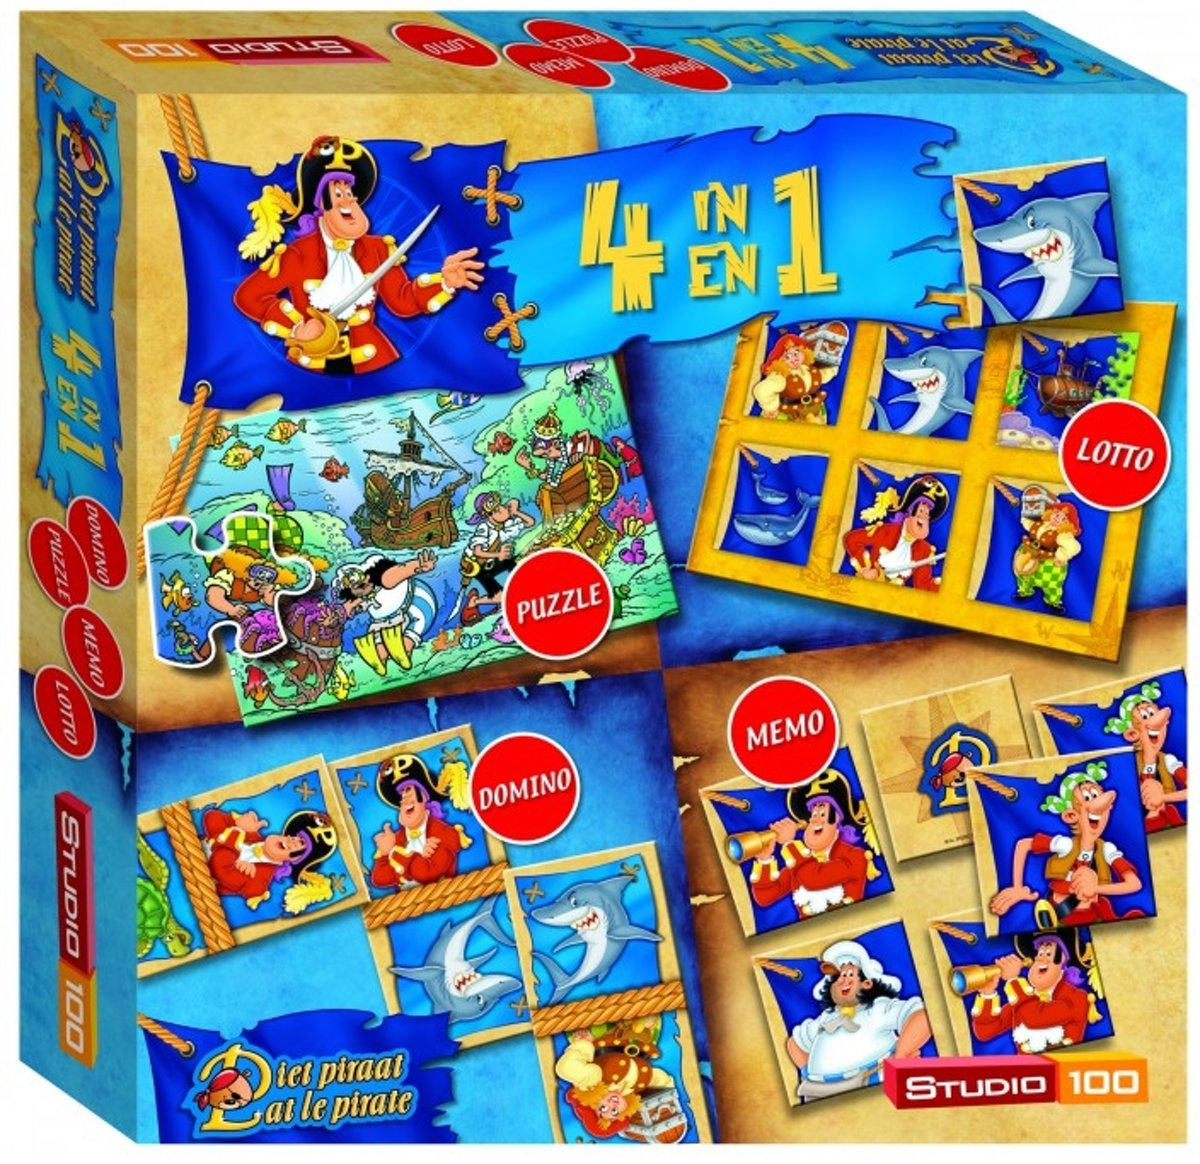 Piet Piraat 4-in-1 Speldoos - Kinderspel